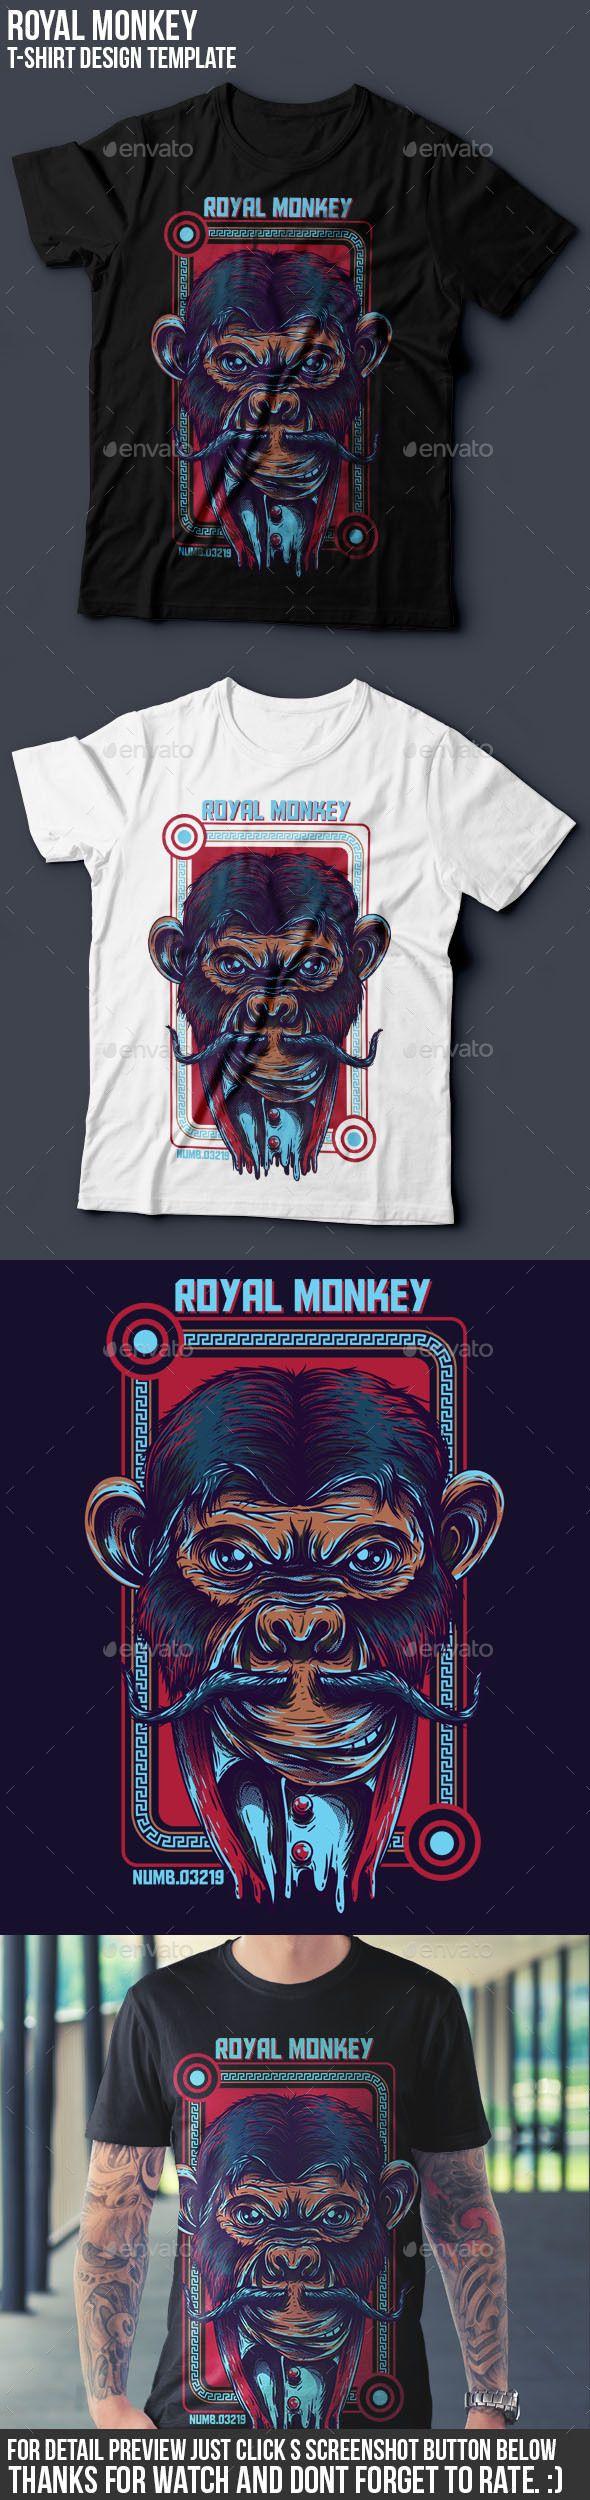 Design t shirt online template - Royal Monkey T Shirt Design